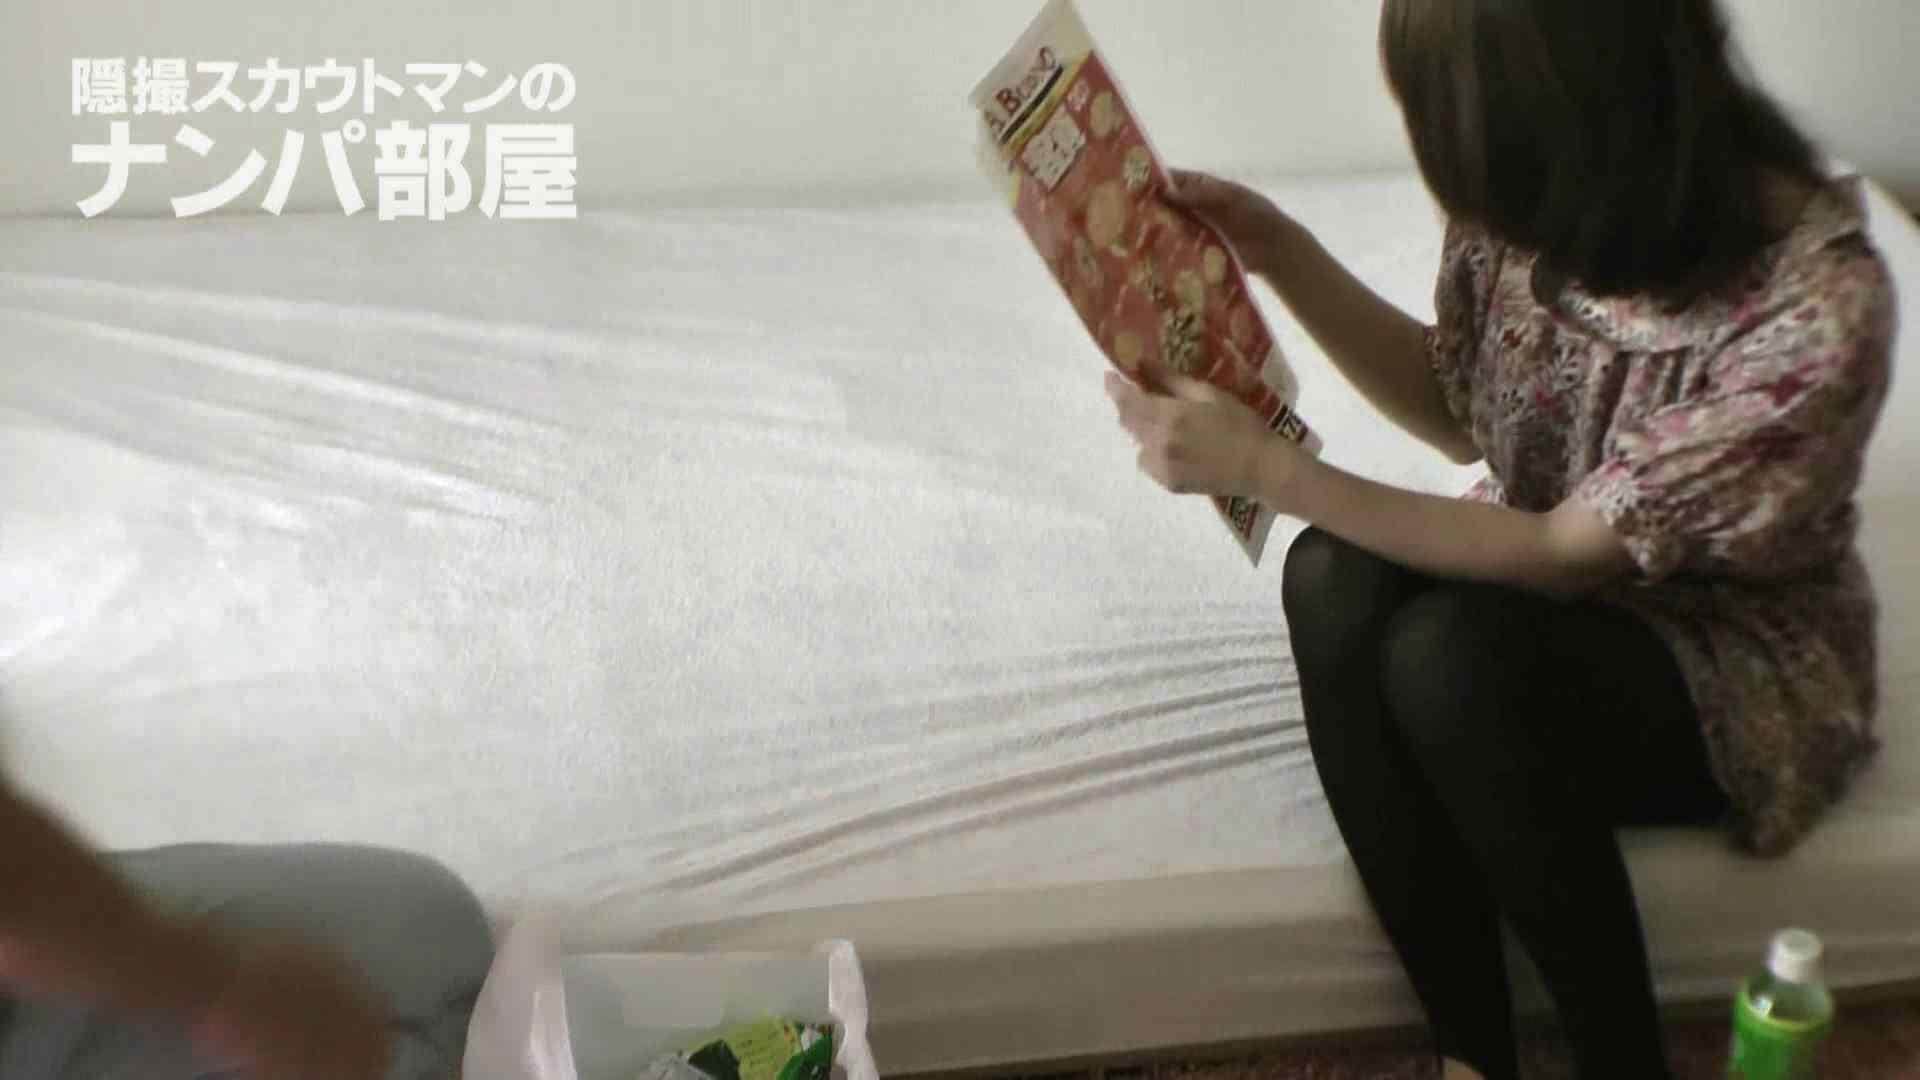 隠撮スカウトマンのナンパ部屋~風俗デビュー前のつまみ食い~ sii 0   0  104画像 9